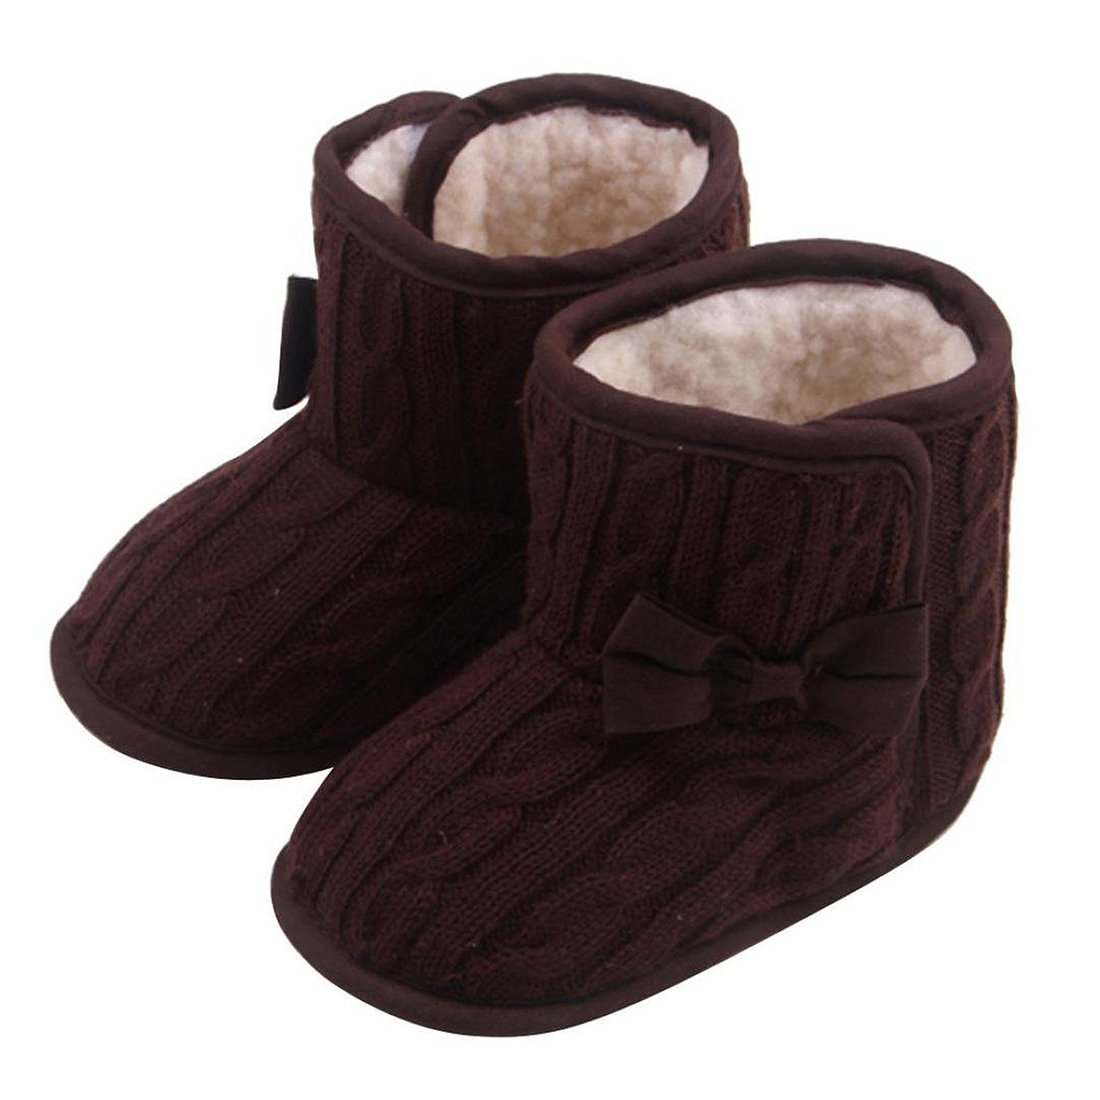 SODIAL Chaussures Pour Bebe decorees de Noeud de Papillon des Semelles Souples Chaussures D'Hiver Chaud Bottes de Chaussures (Cafe, 11cm)